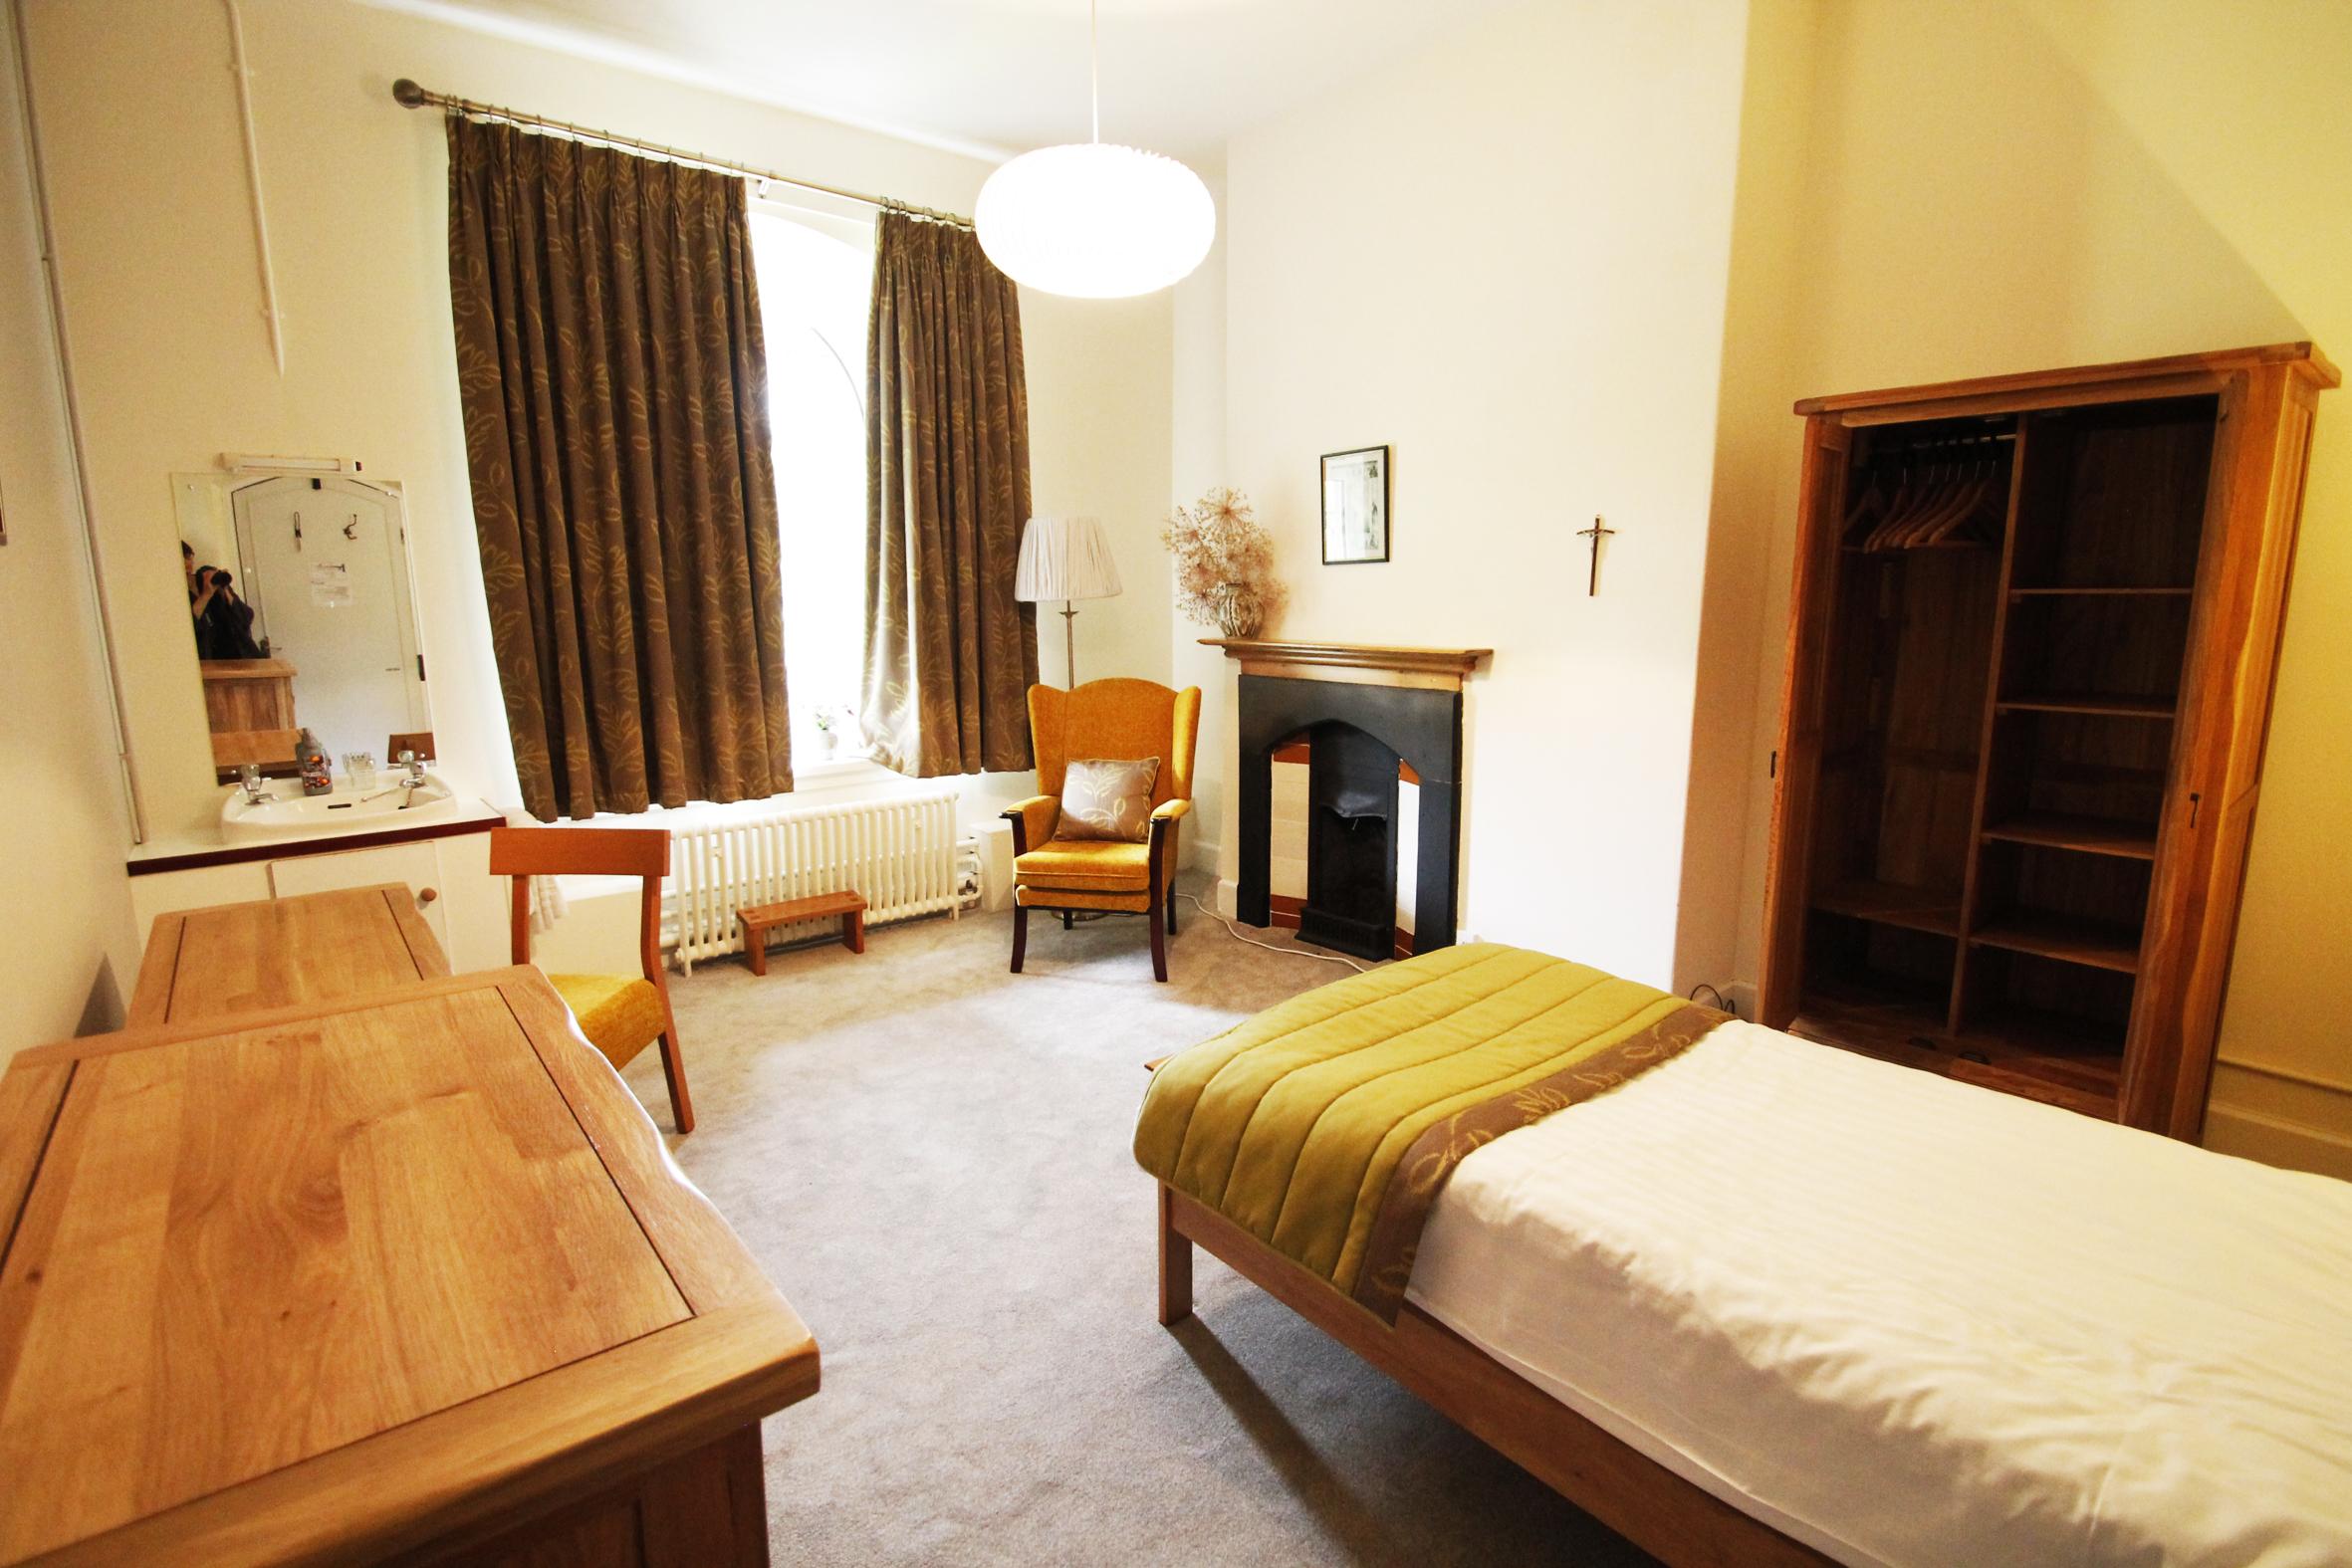 St Beuno's bedroom refurbishment